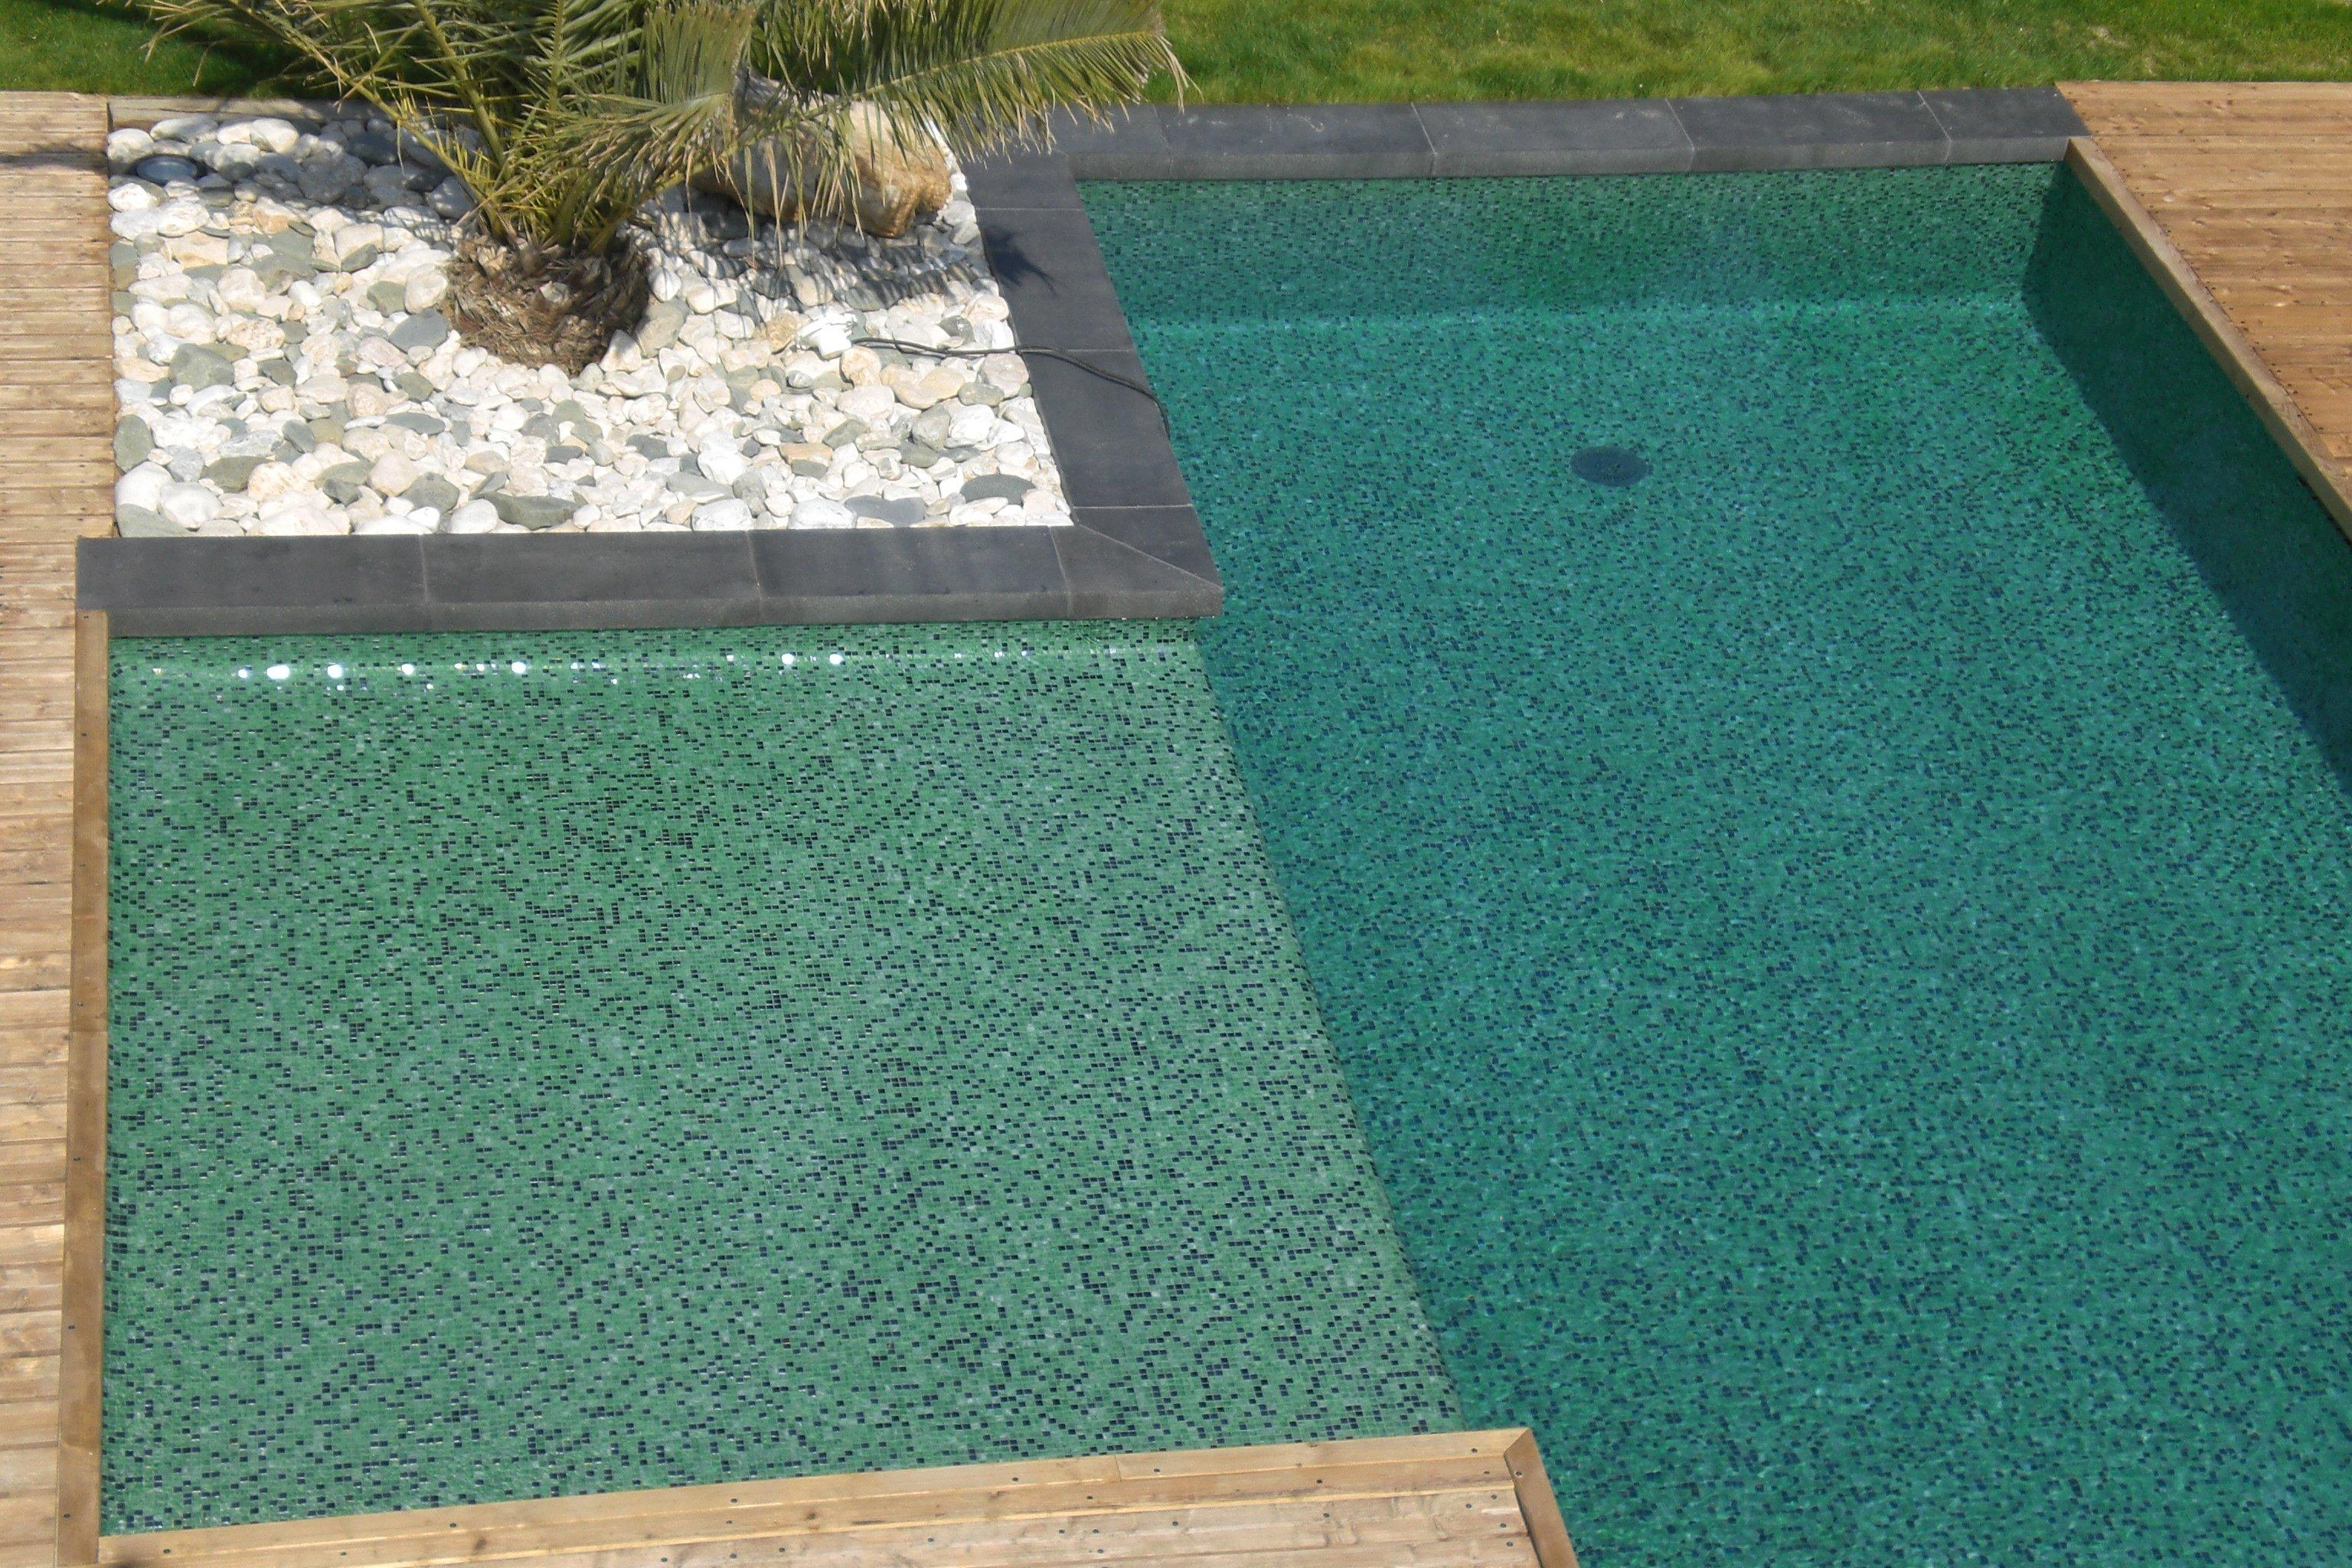 dolce mosaic photos piscines en p tes de verre. Black Bedroom Furniture Sets. Home Design Ideas